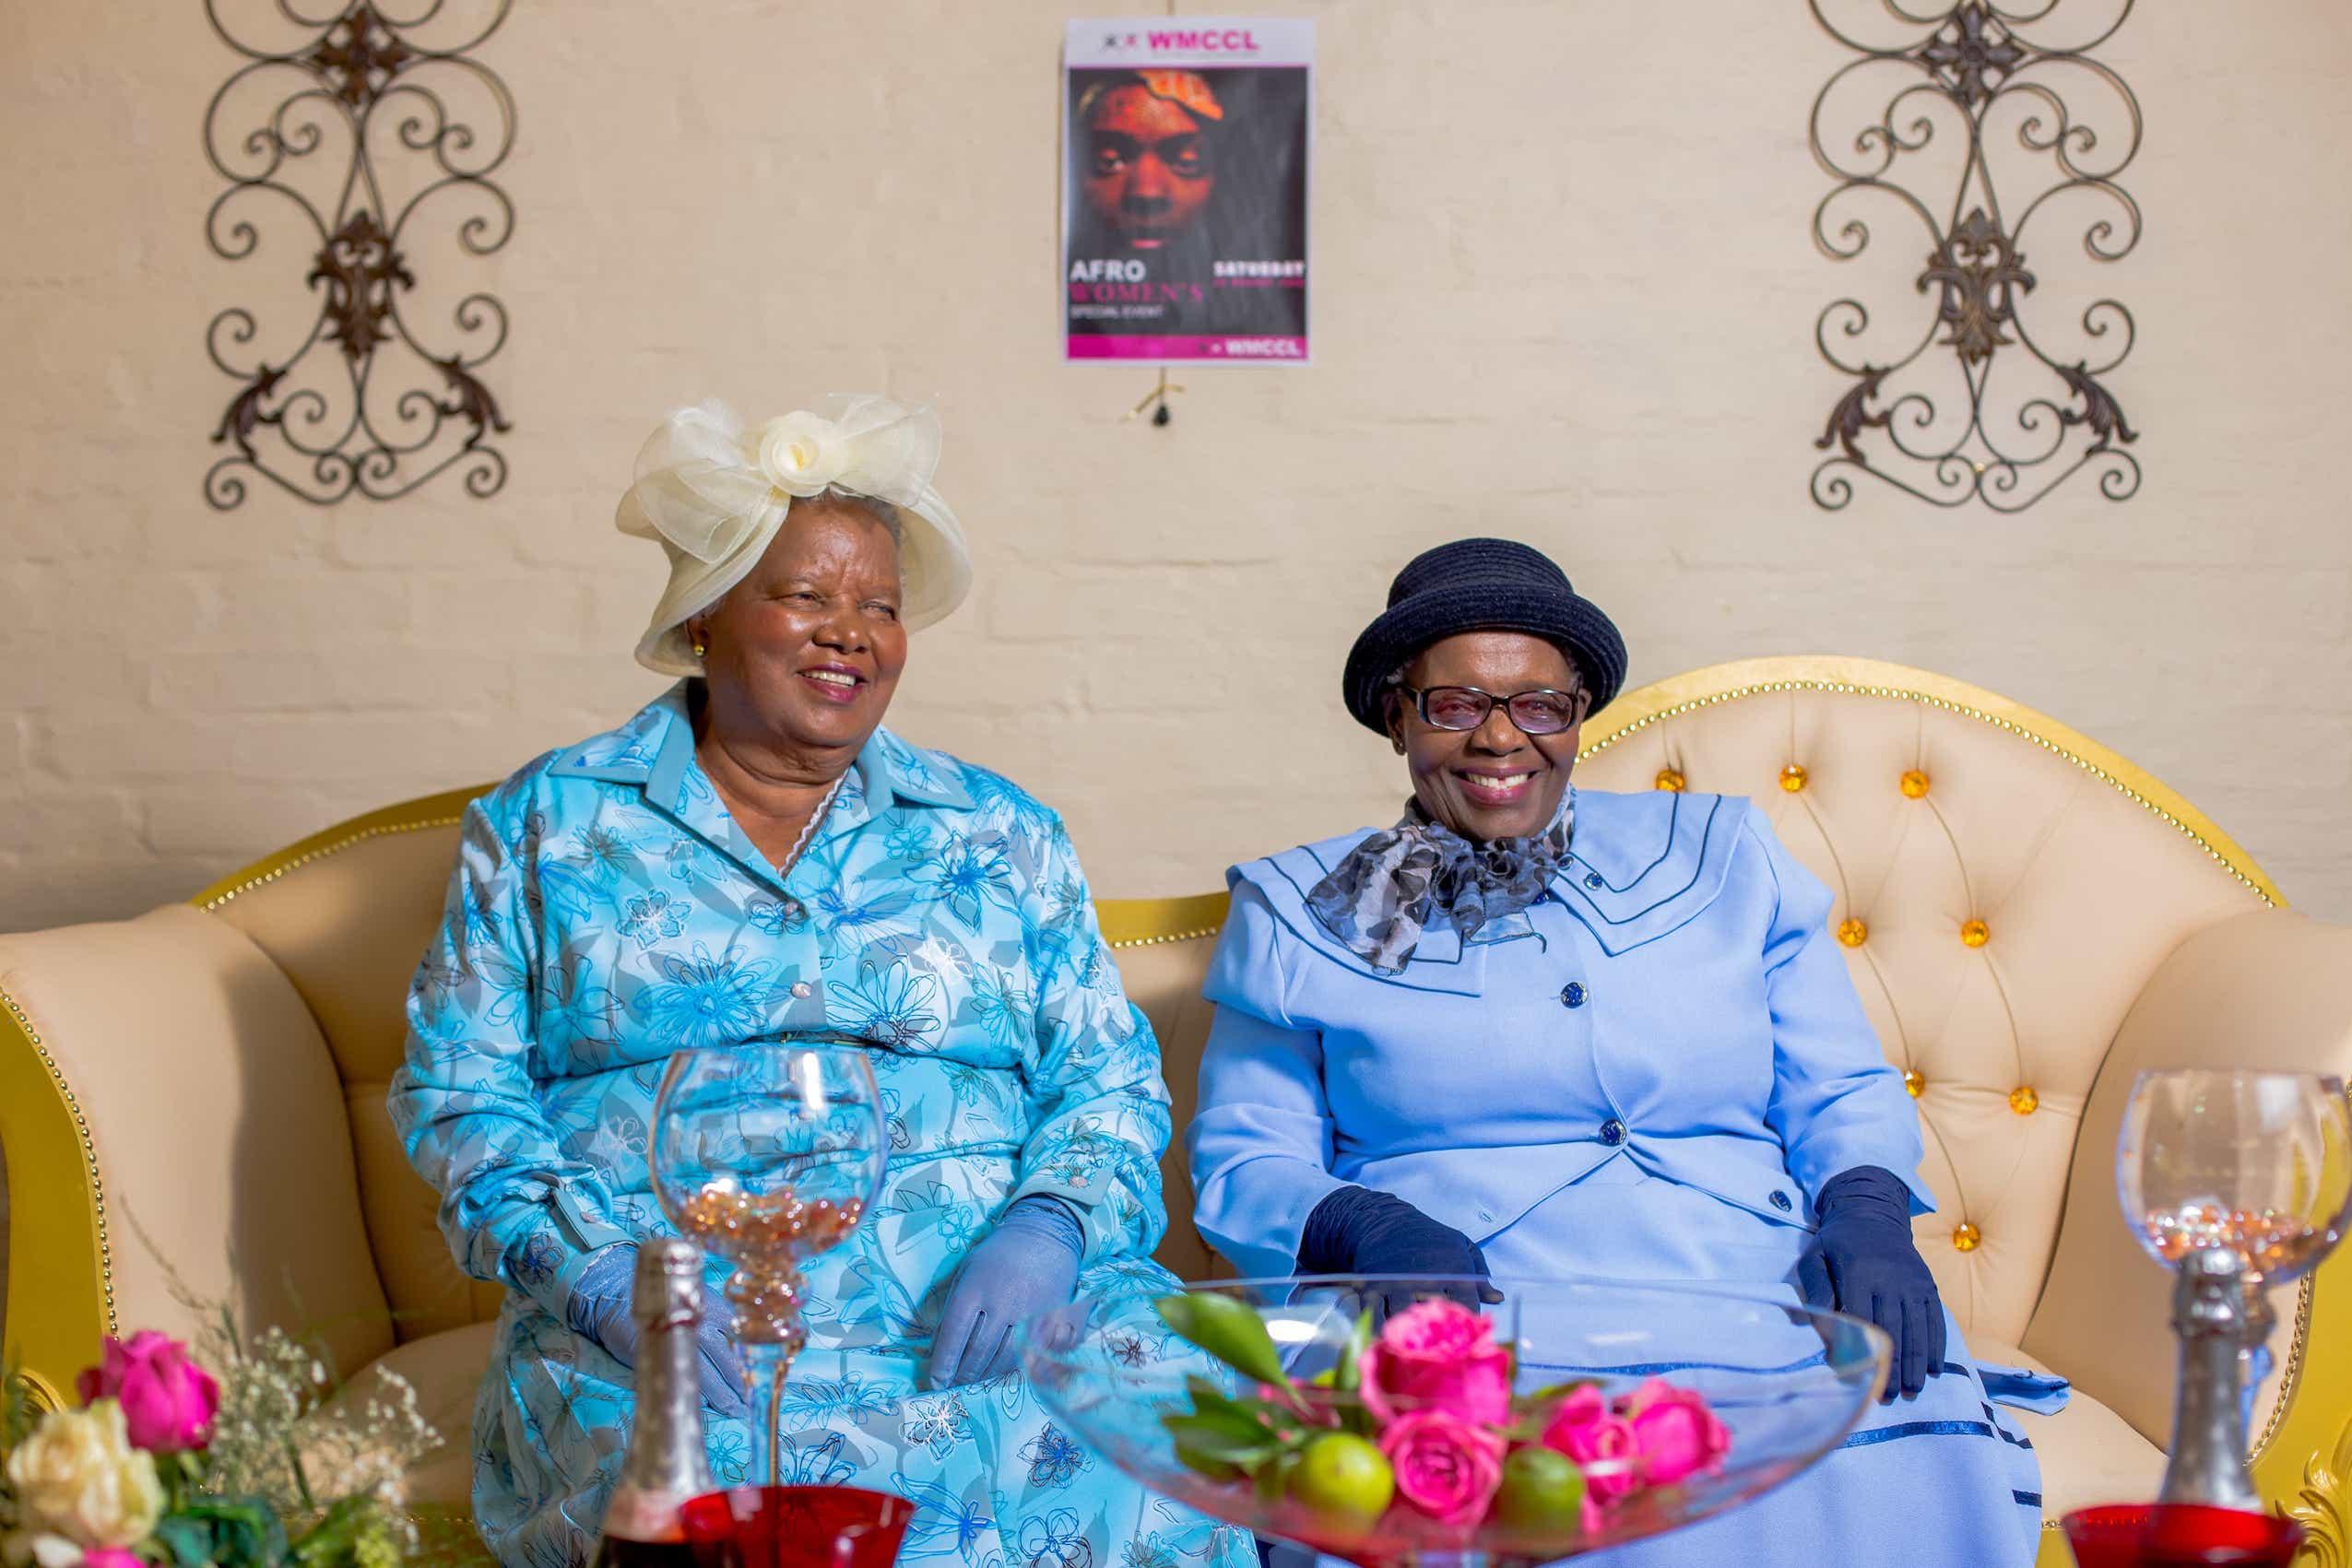 Duduzile Sokhela - Afro Womens special Event 201818